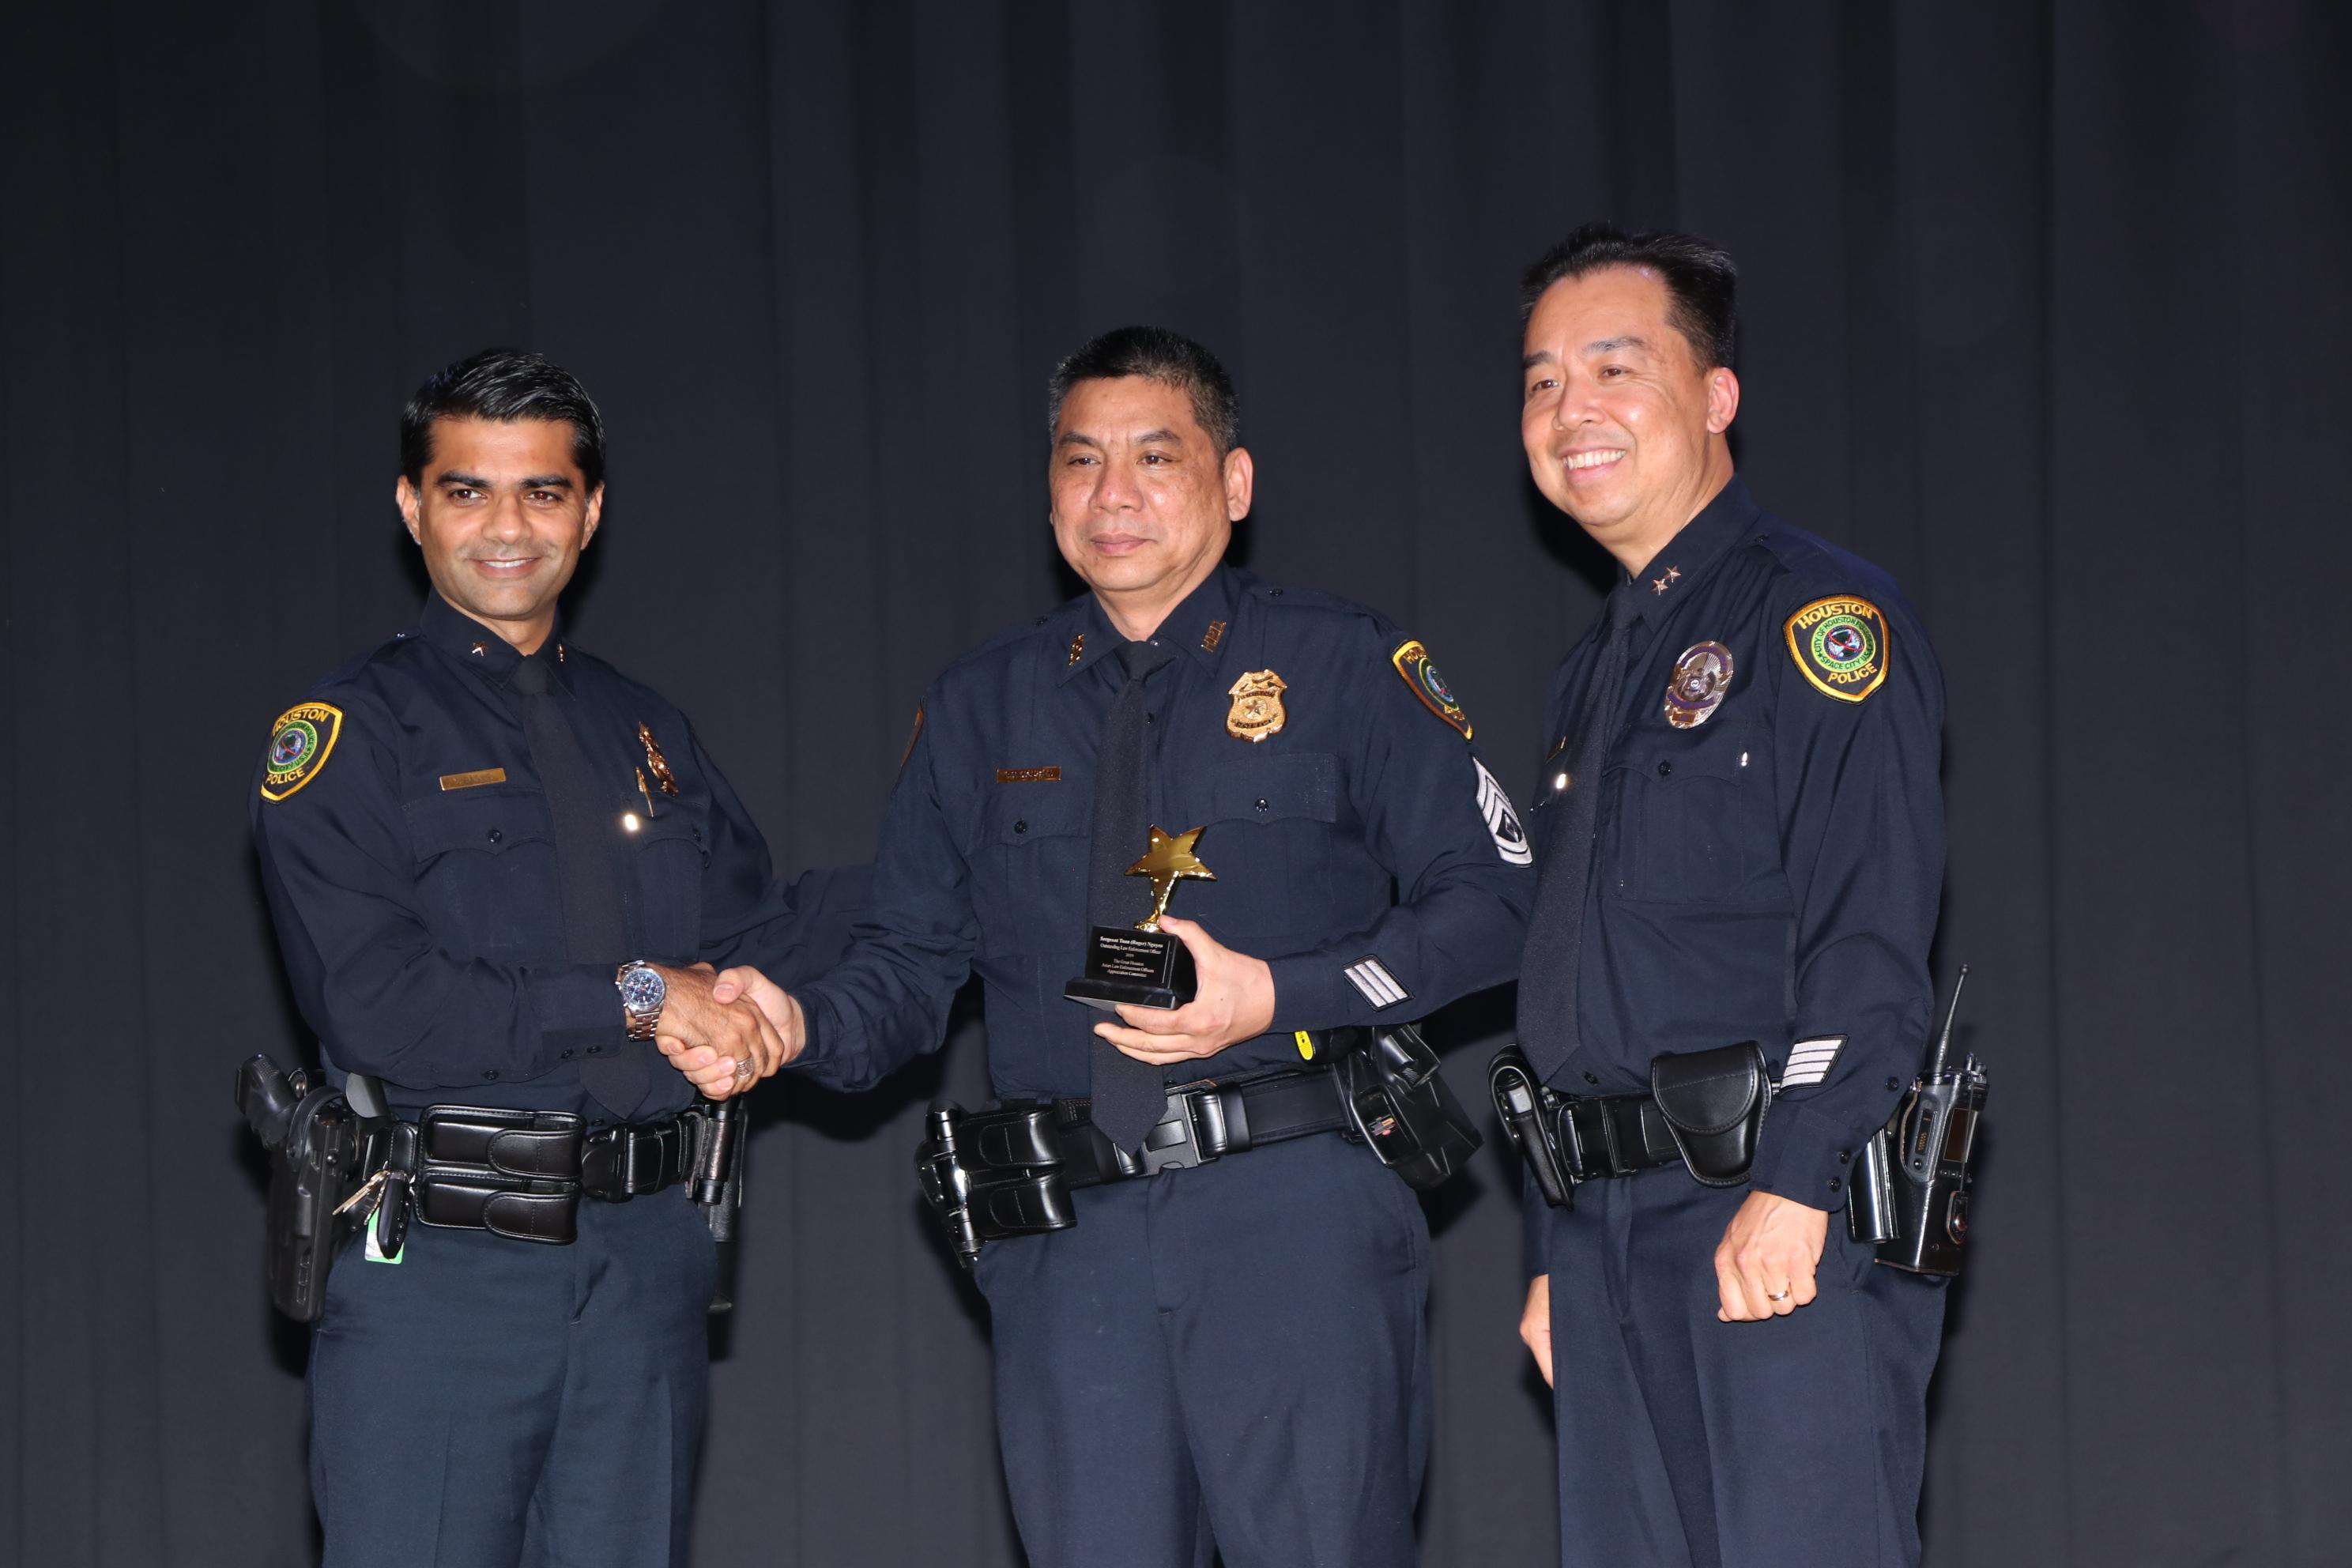 破獲中國城數起打破玻璃案件的警官Roger Nguyen(中)獲副警長Henry Gaw(右)頒獎表揚。